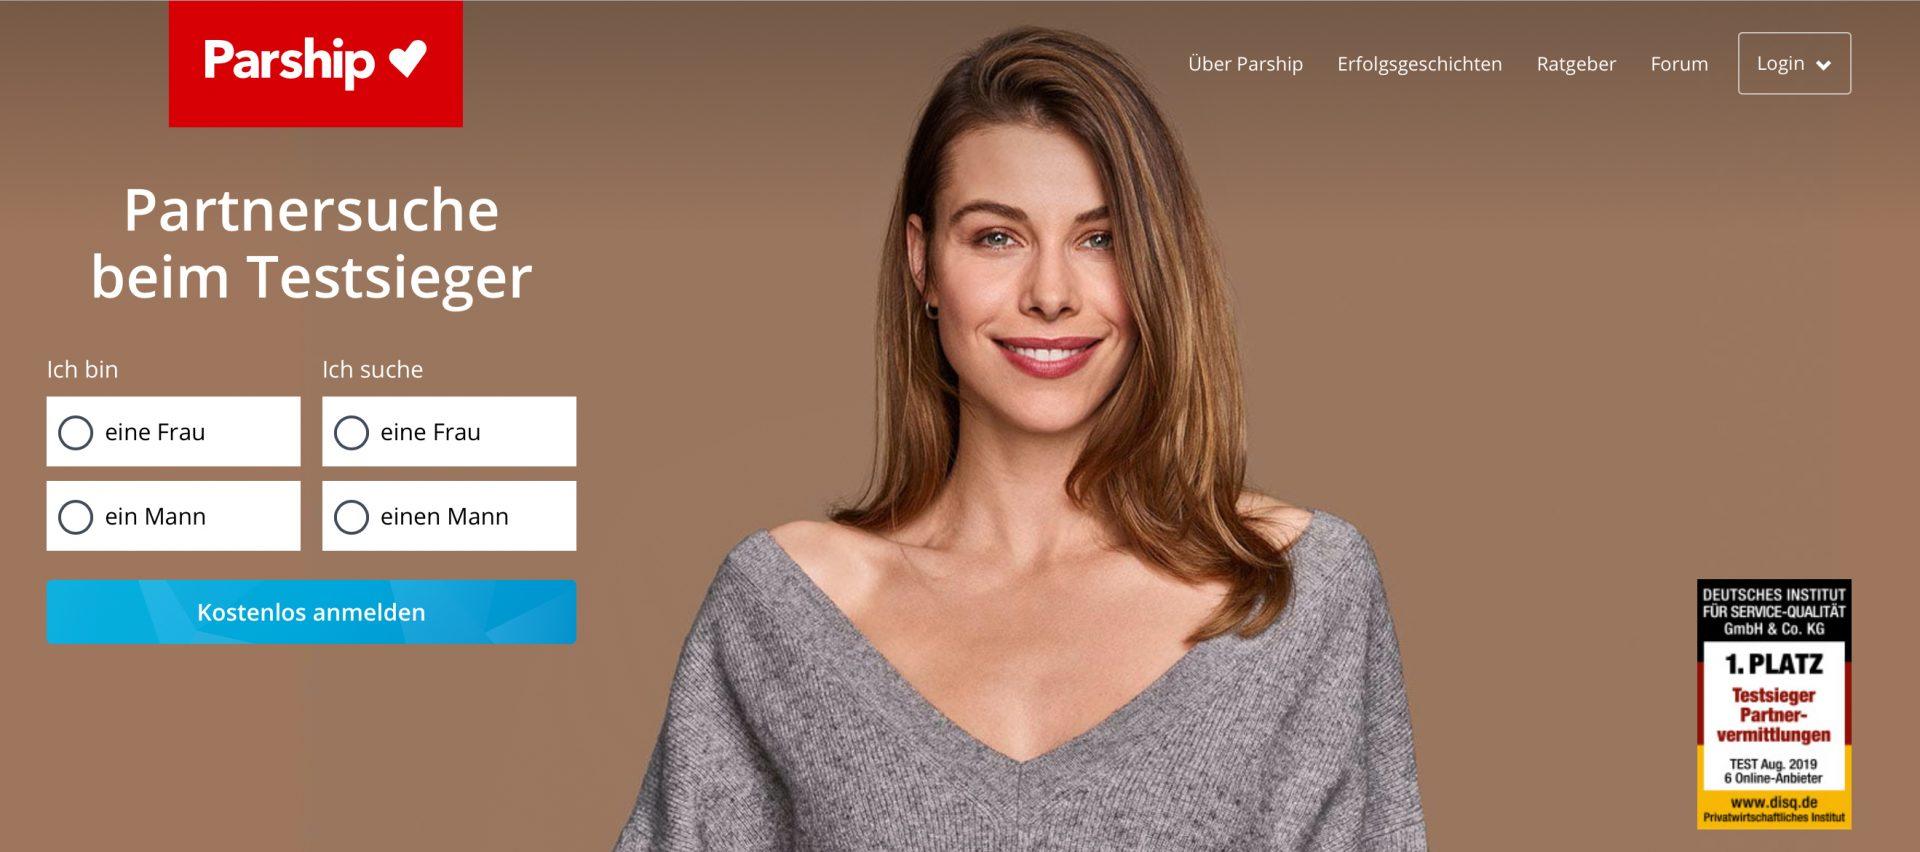 Parship.de - Die große Singlebörse im Test - Forum für